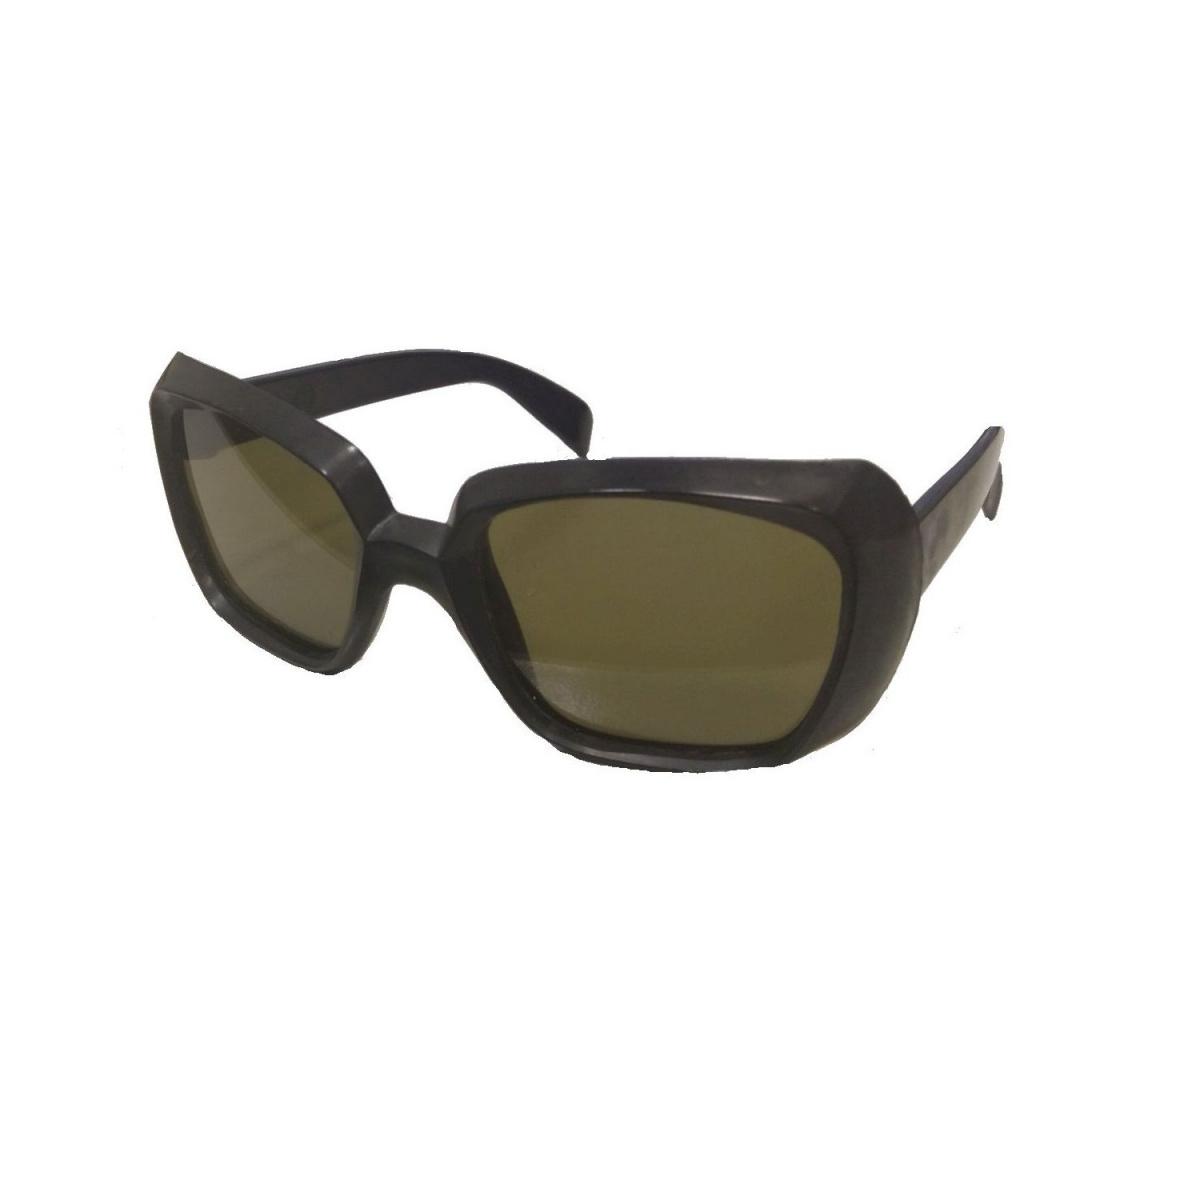 Brýle ochranné proti oslnìní B-N 31 OKULA - zvìtšit obrázek